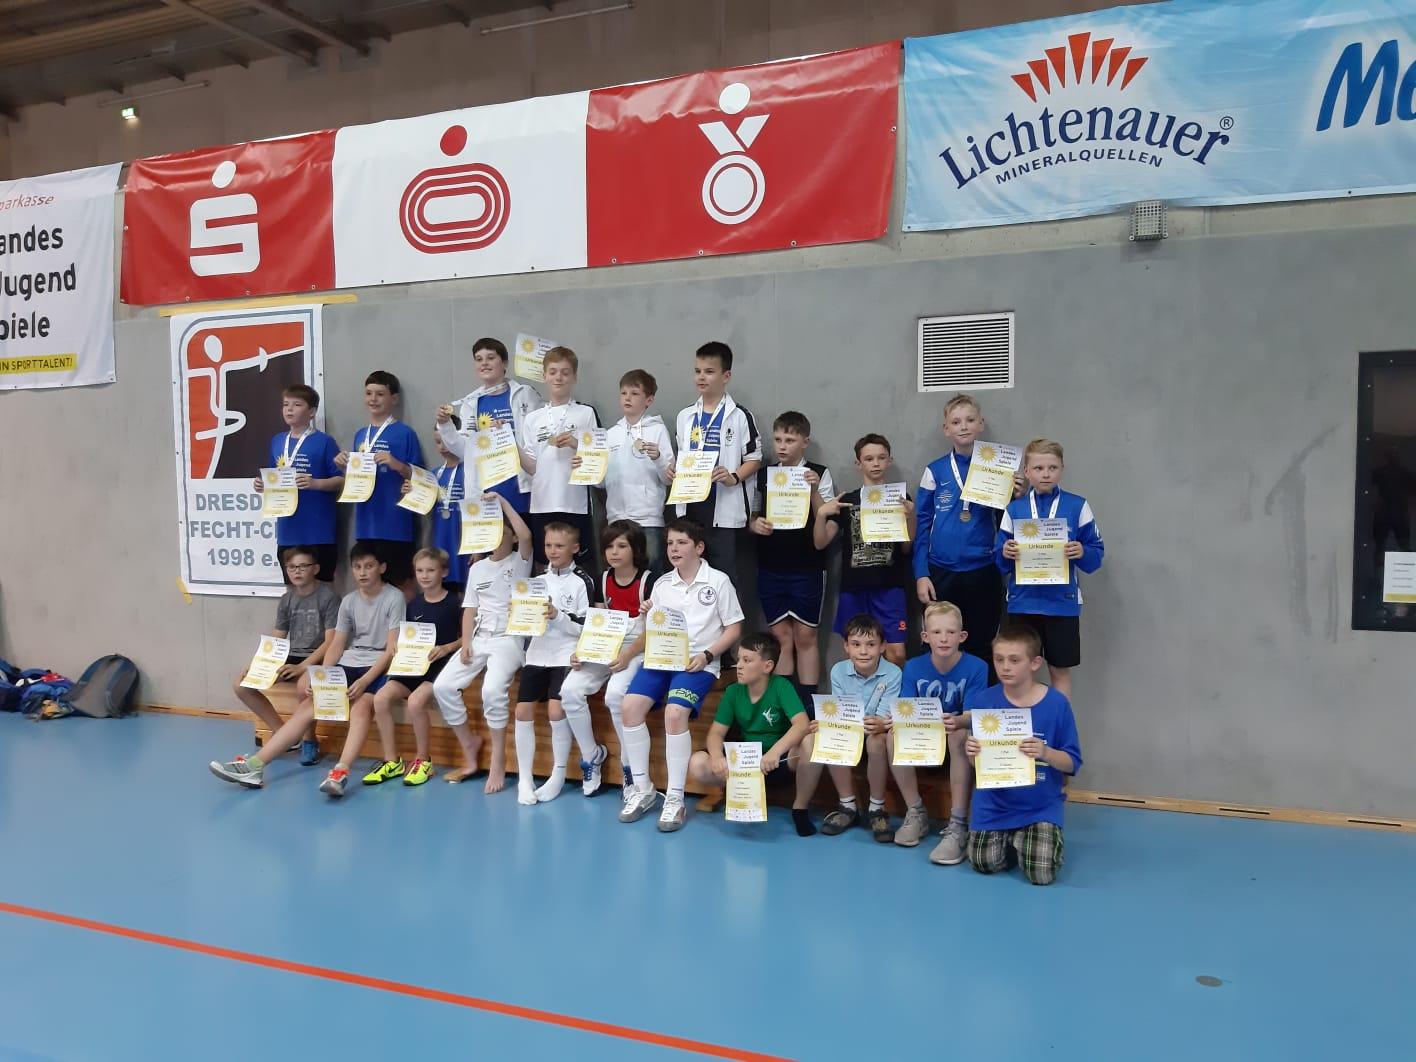 Landesjugendspiele_Landesmeisterschaften_Schler_Florett2019_05.jpg